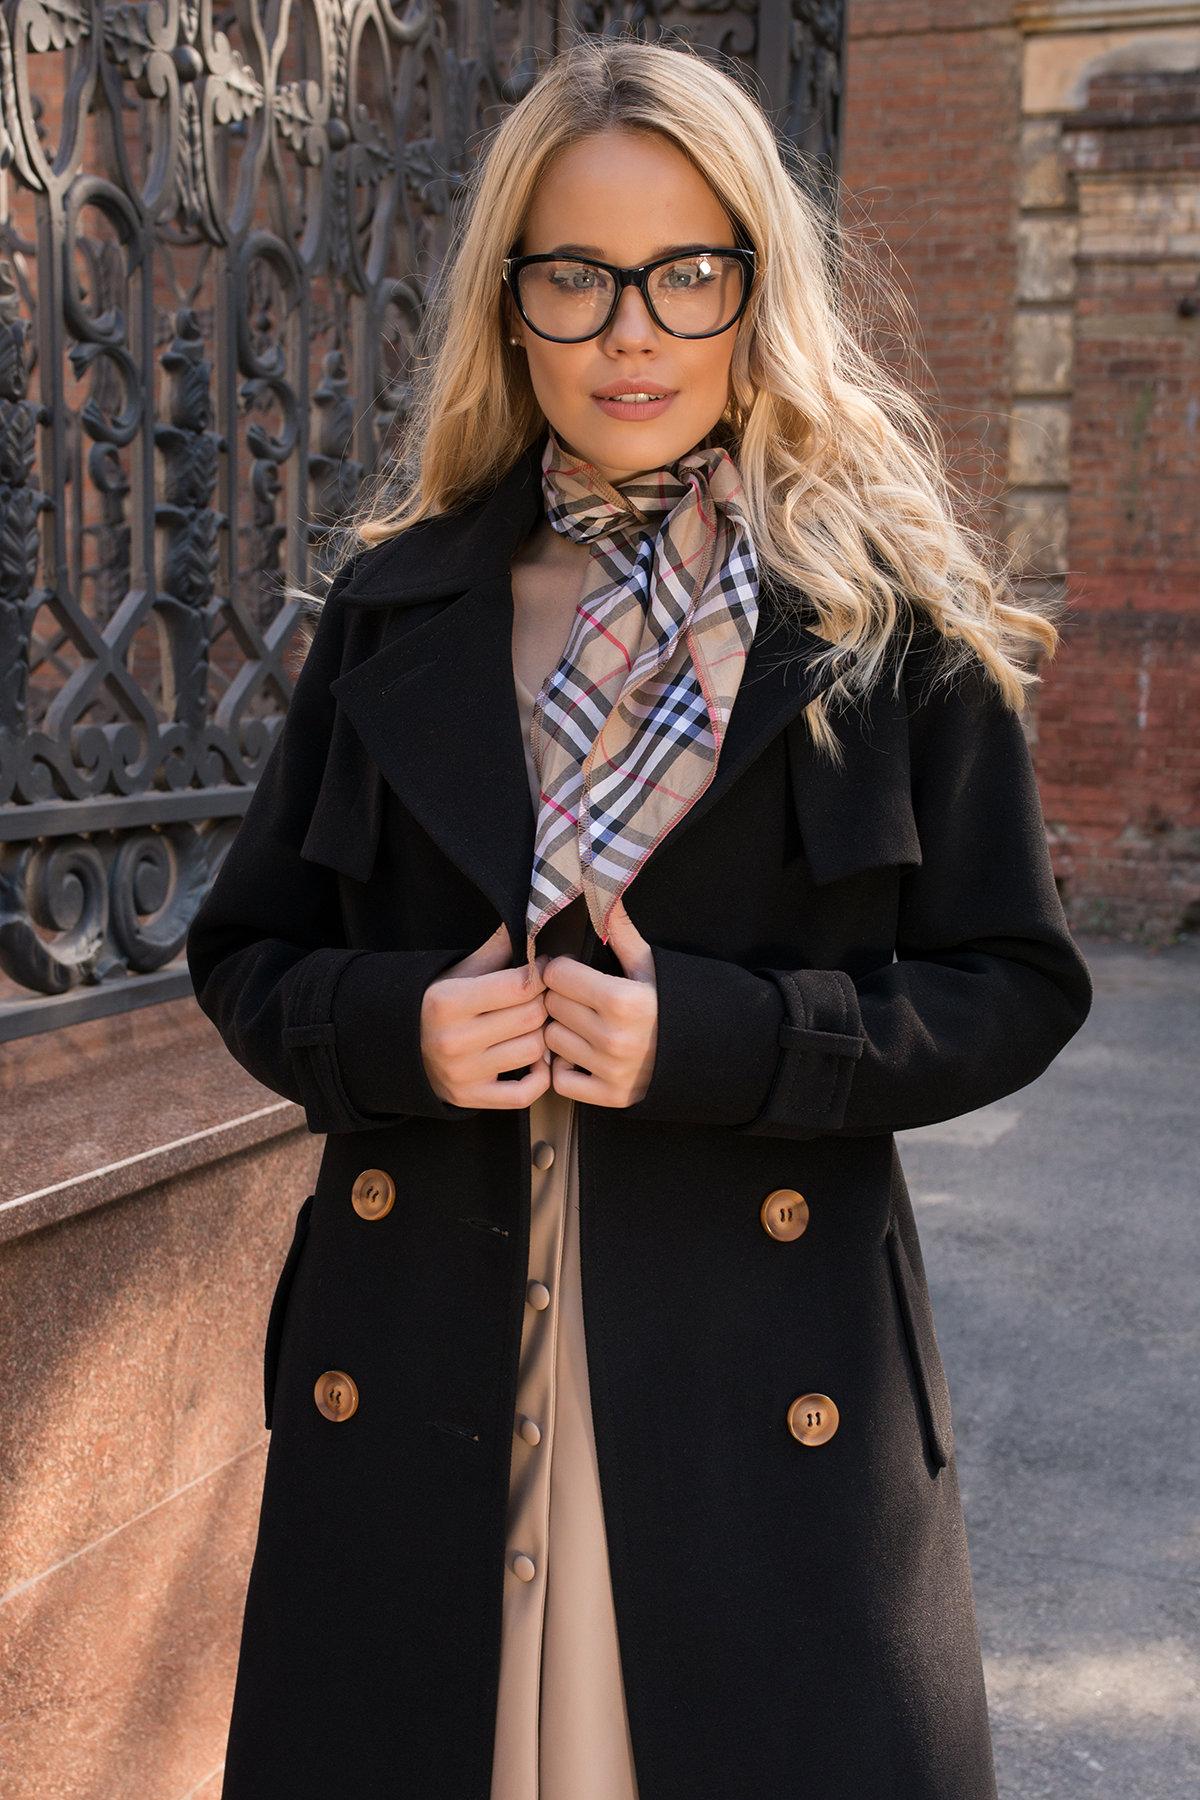 Черное двубортное пальто Монте 7947 АРТ. 43907 Цвет: Черный - фото 5, интернет магазин tm-modus.ru